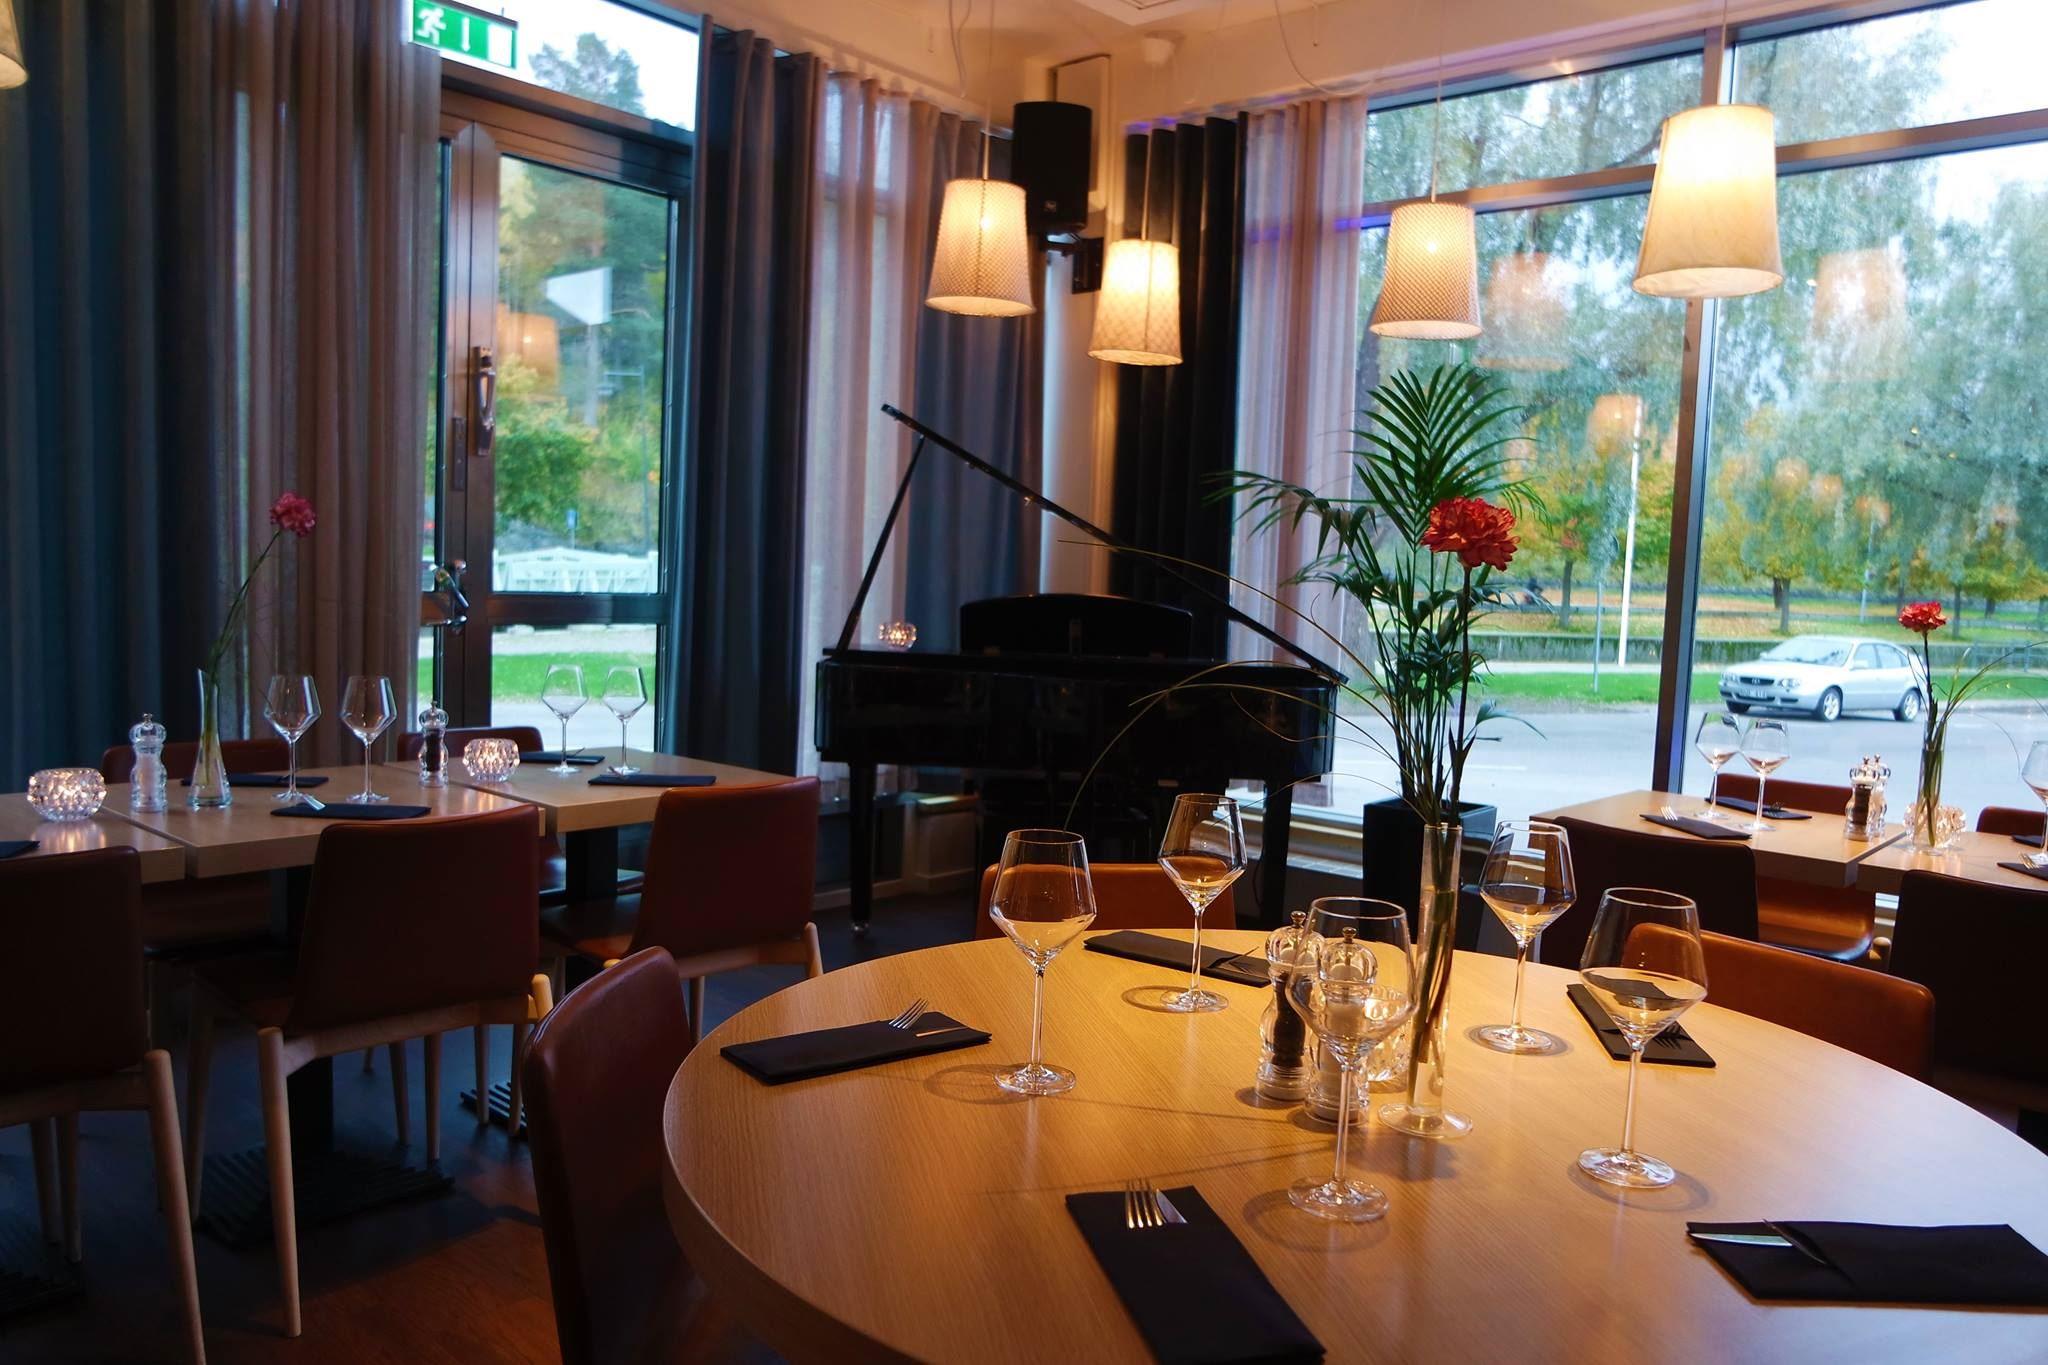 Restaurang och bar i Söderhamn